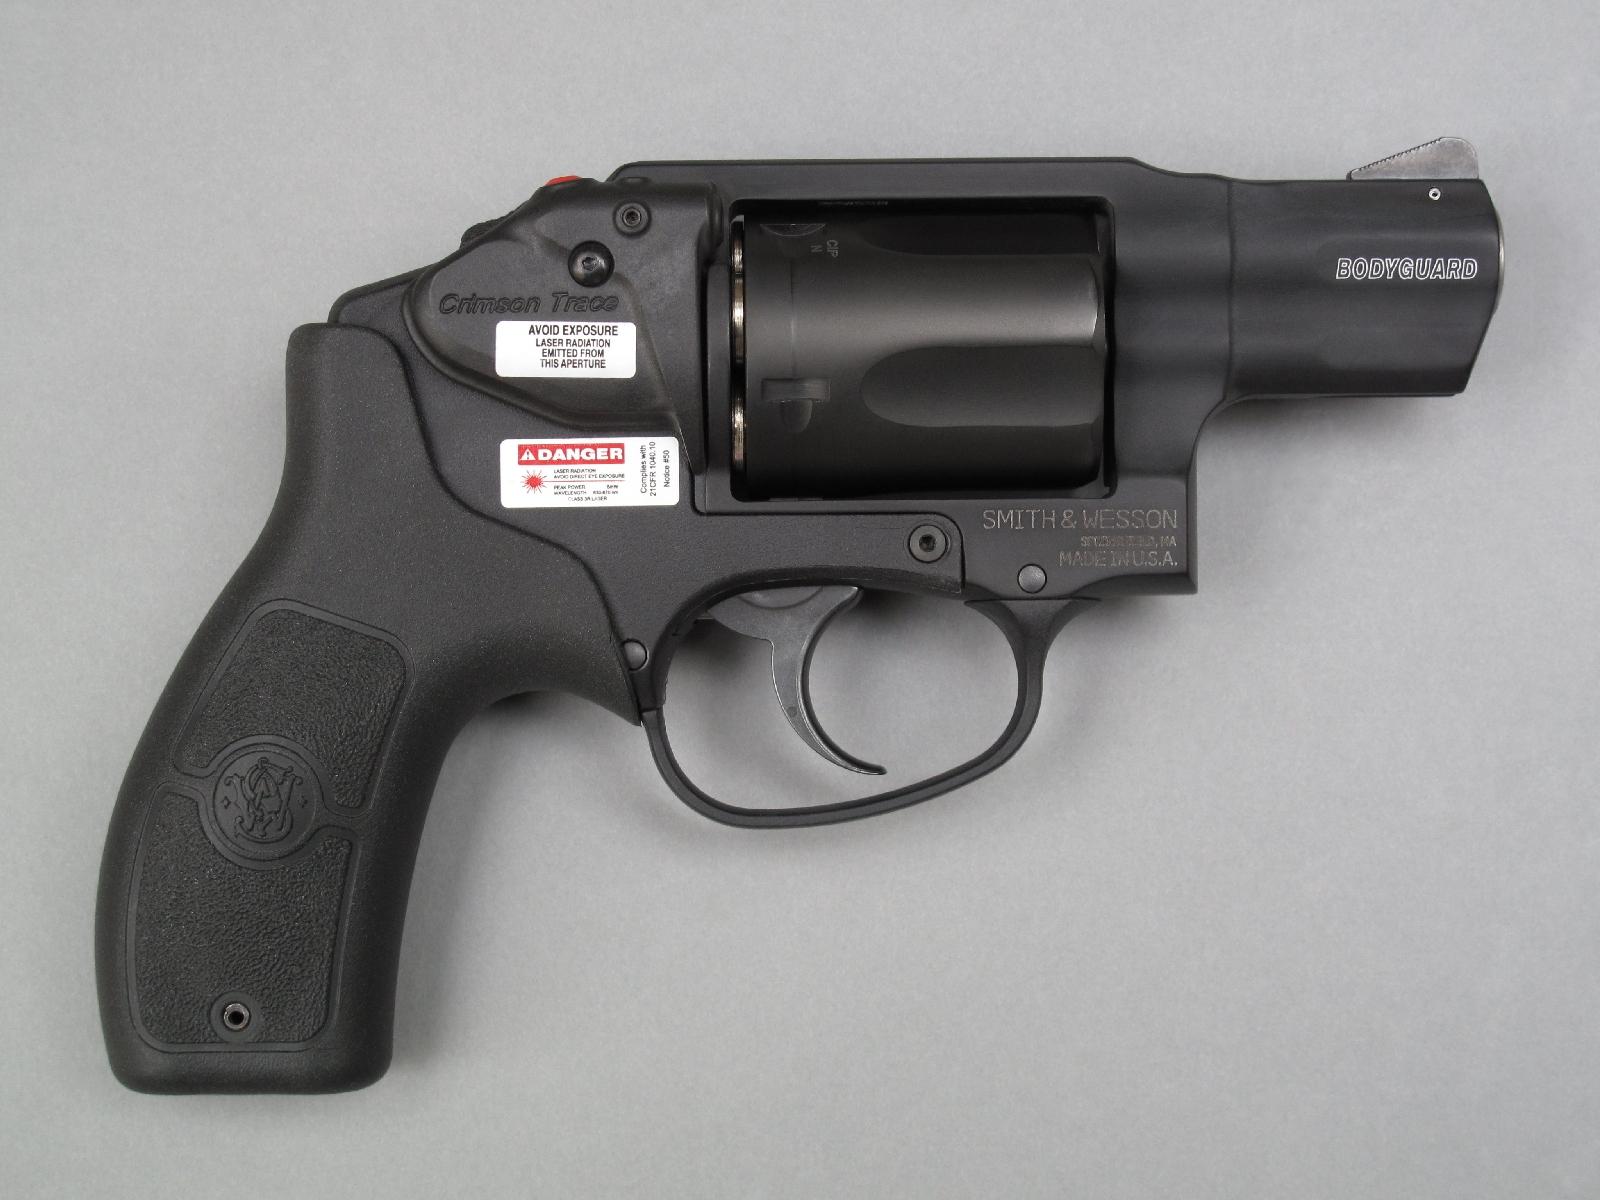 Le flanc droit reçoit un désignateur laser spécialement conçu par la firme américaine Crimson Trace pour s'intégrer de façon parfaite à ce modèle de chez Smith & Wesson.